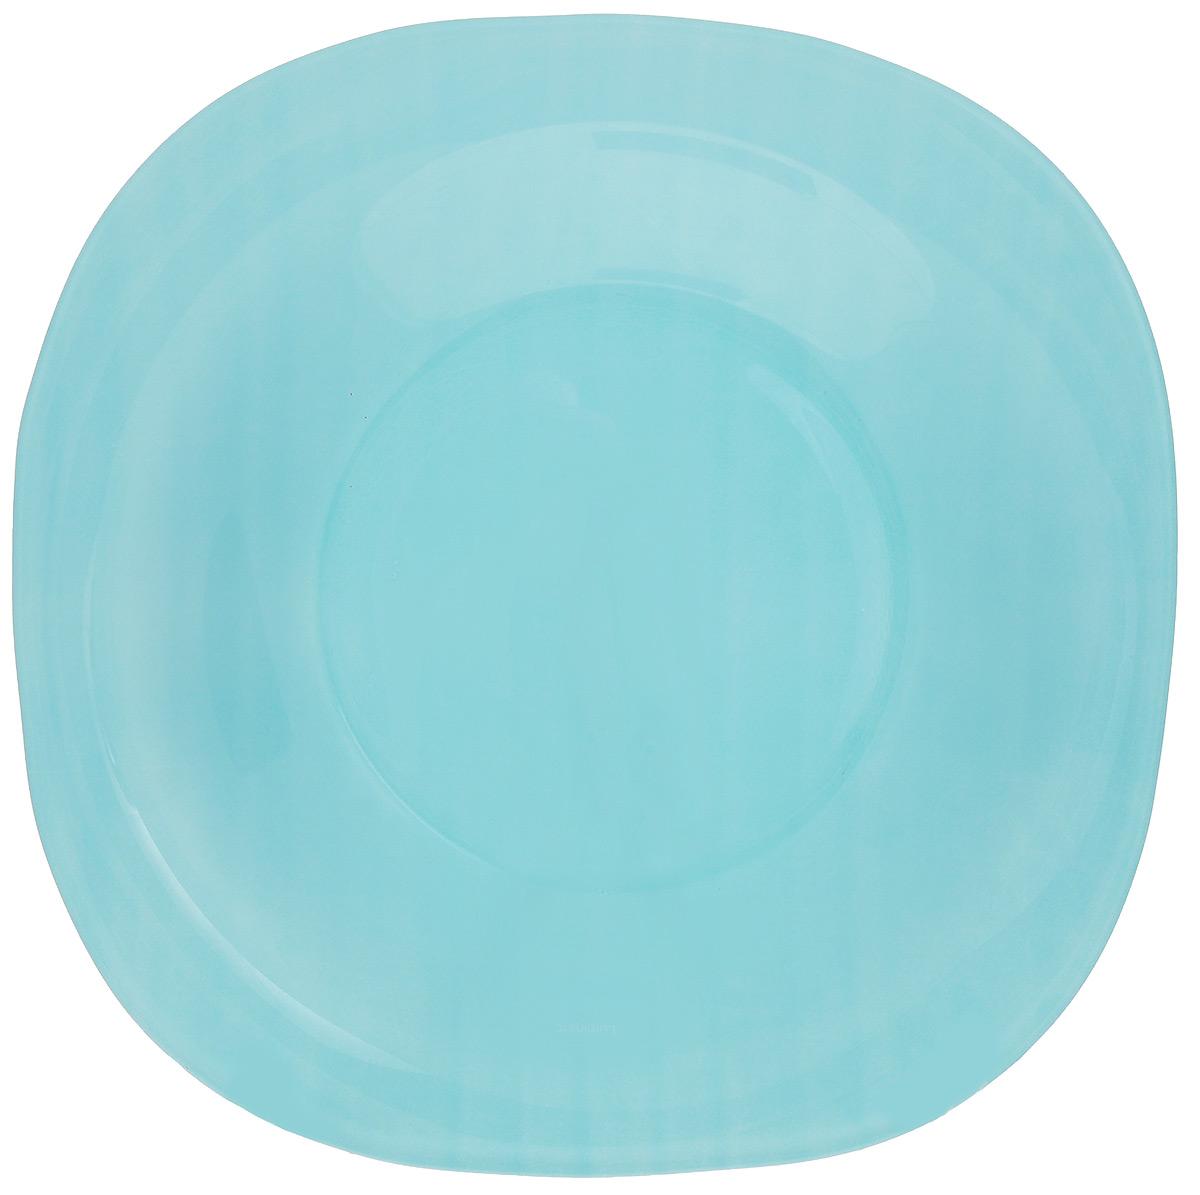 Тарелка глубокая Luminarc Colorama, диаметр 20,5 смJ7758Глубокая тарелка Luminarc Colorama выполнена из ударопрочного стекла и оформлена в классическом стиле. Изделие сочетает в себе изысканный дизайн с максимальной функциональностью. Она прекрасно впишется в интерьер вашей кухни и станет достойным дополнением к кухонному инвентарю. Тарелка Luminarc Colorama подчеркнет прекрасный вкус хозяйки и станет отличным подарком. Диаметр (по верхнему краю): 20,5 см. Высота стенки: 3 см.